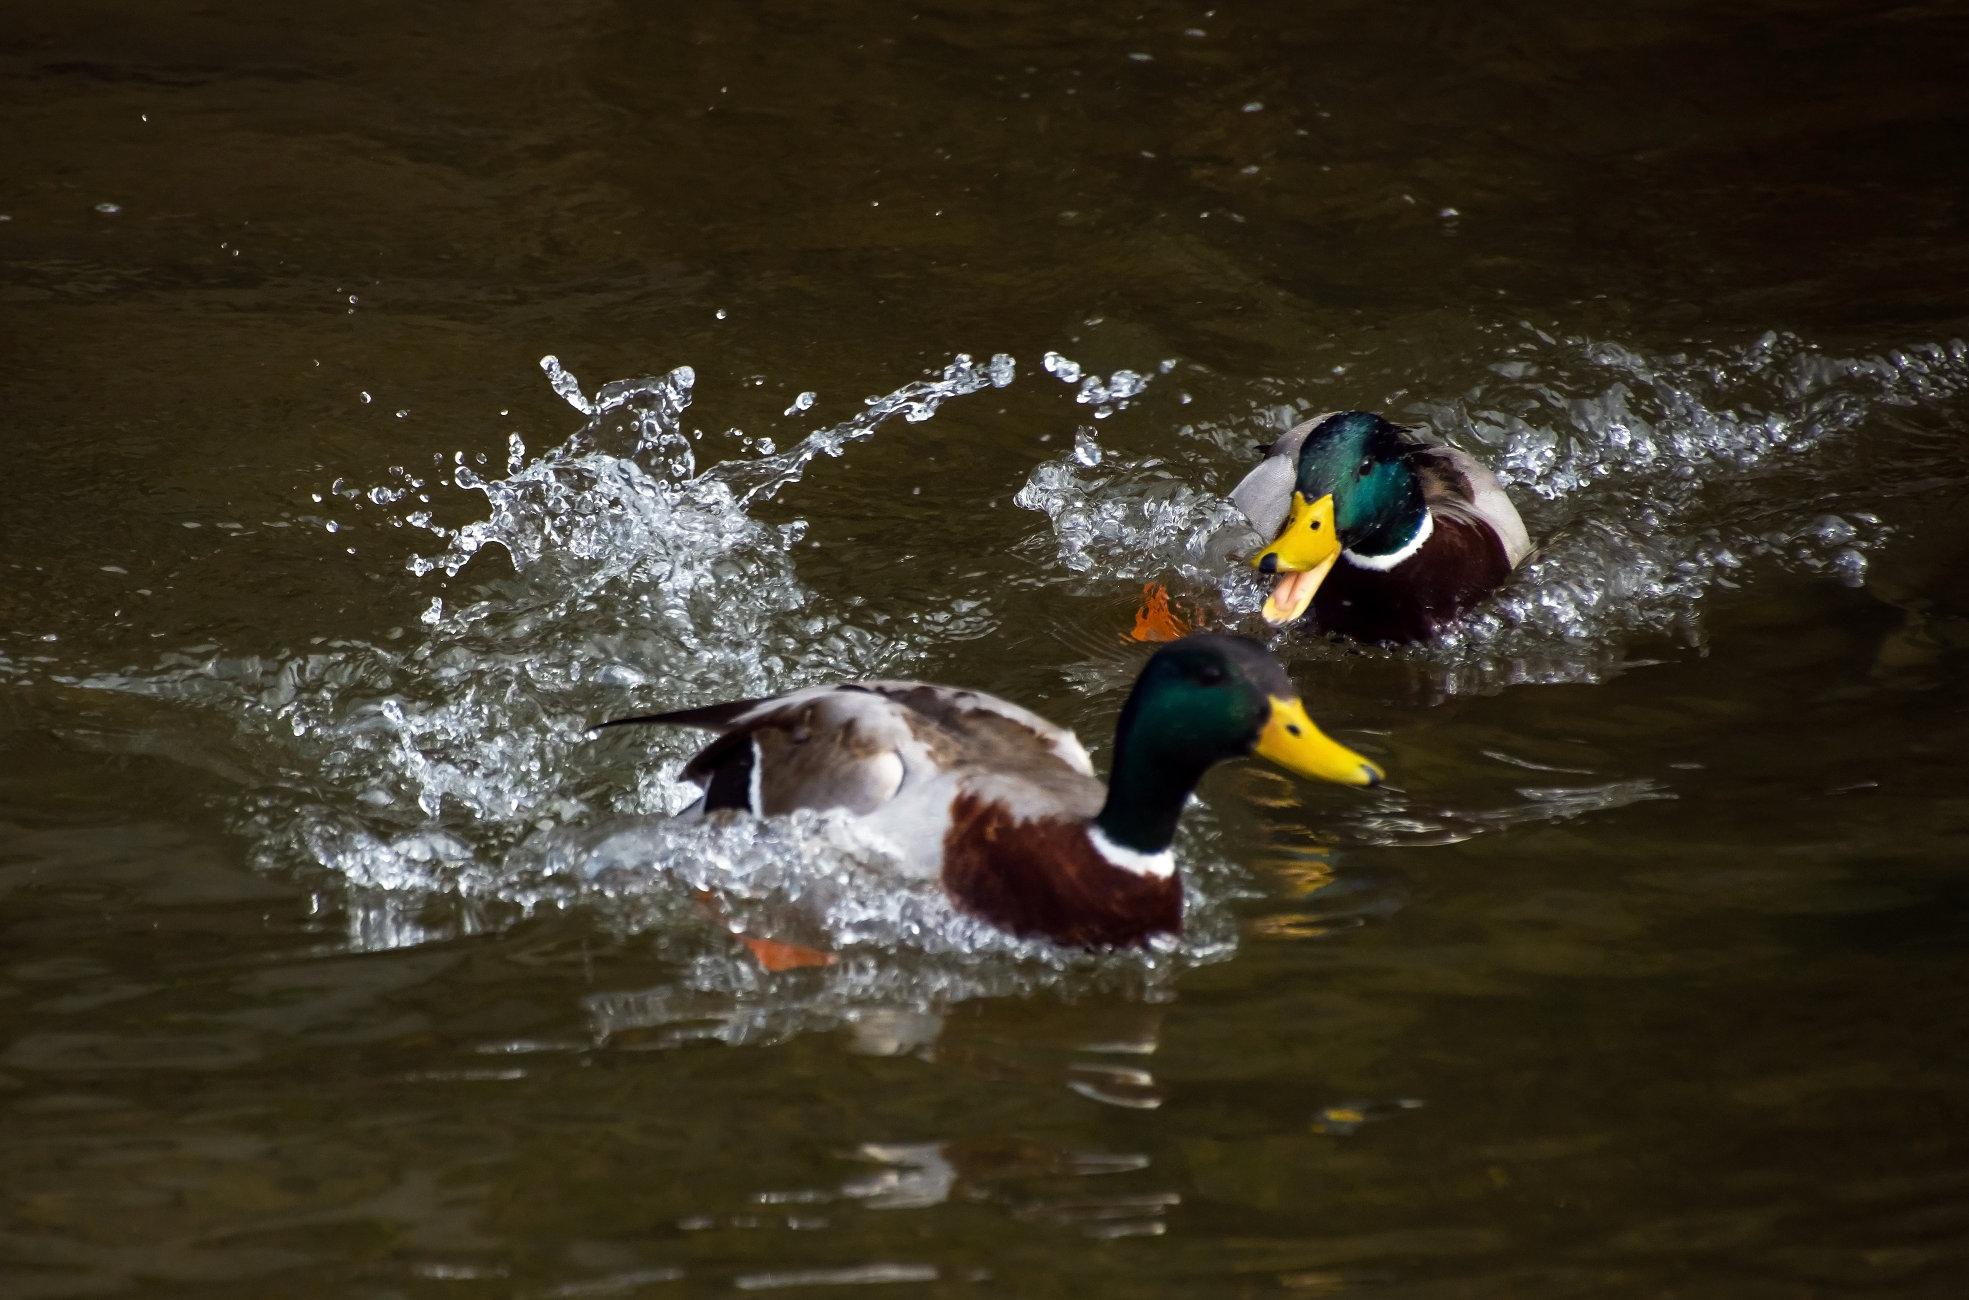 Feisty ducks